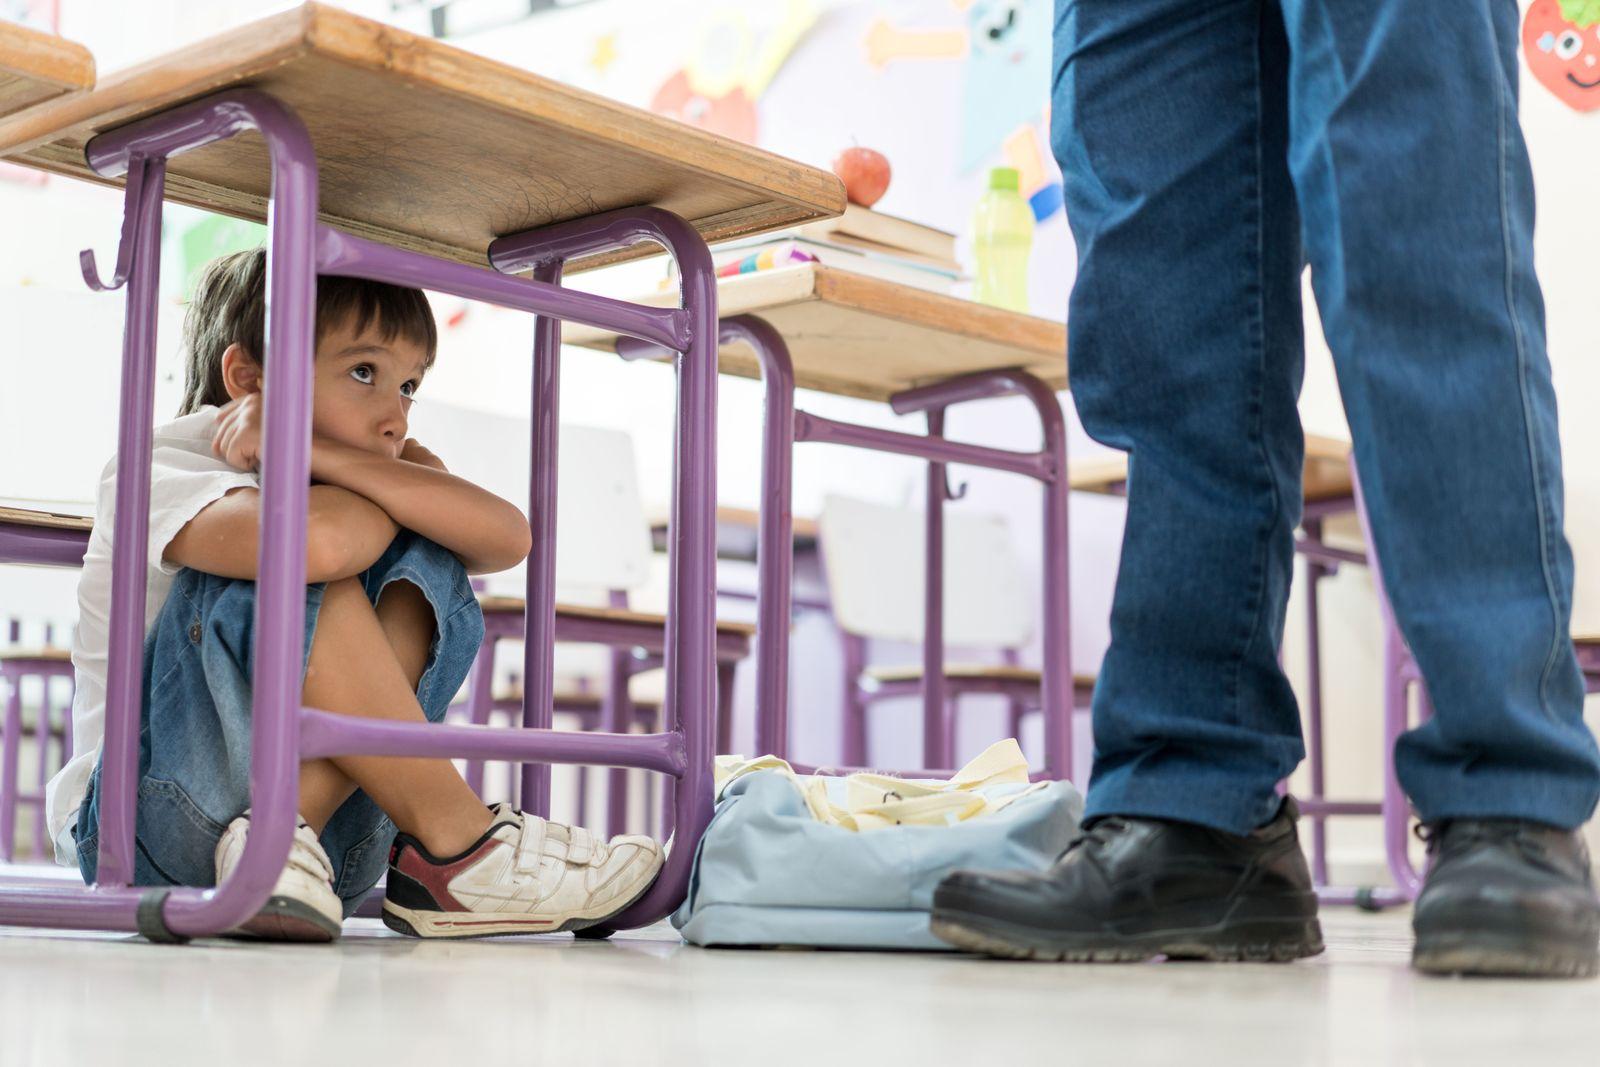 Scared kid in school